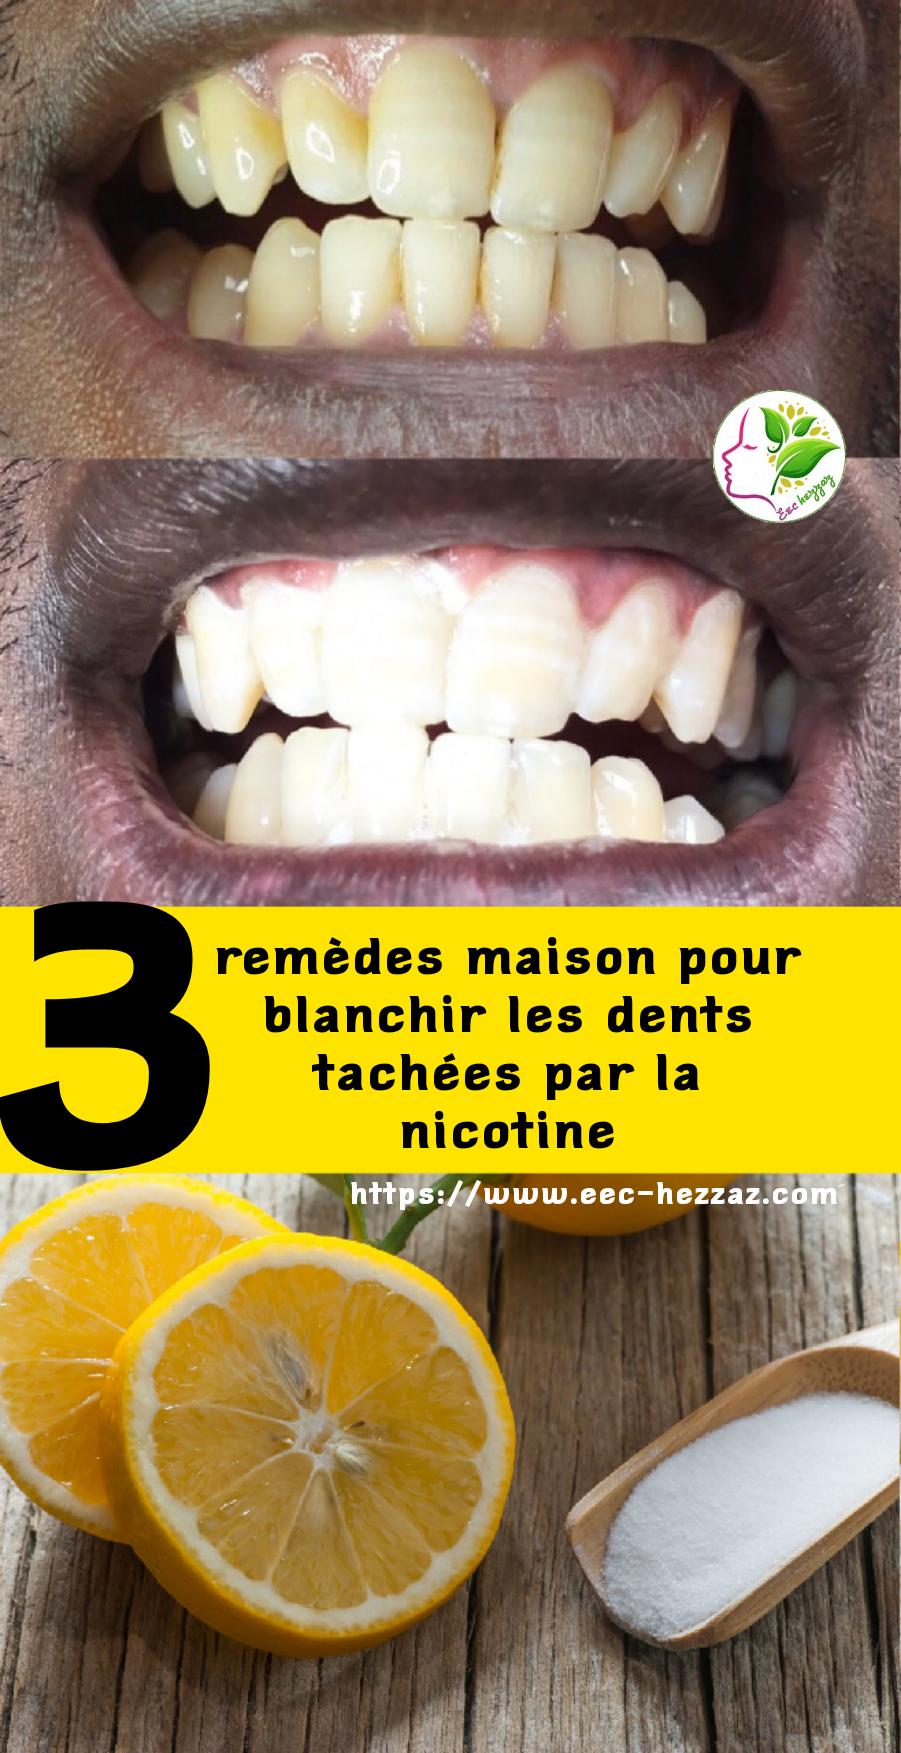 3 remèdes maison pour blanchir les dents tachées par la nicotine